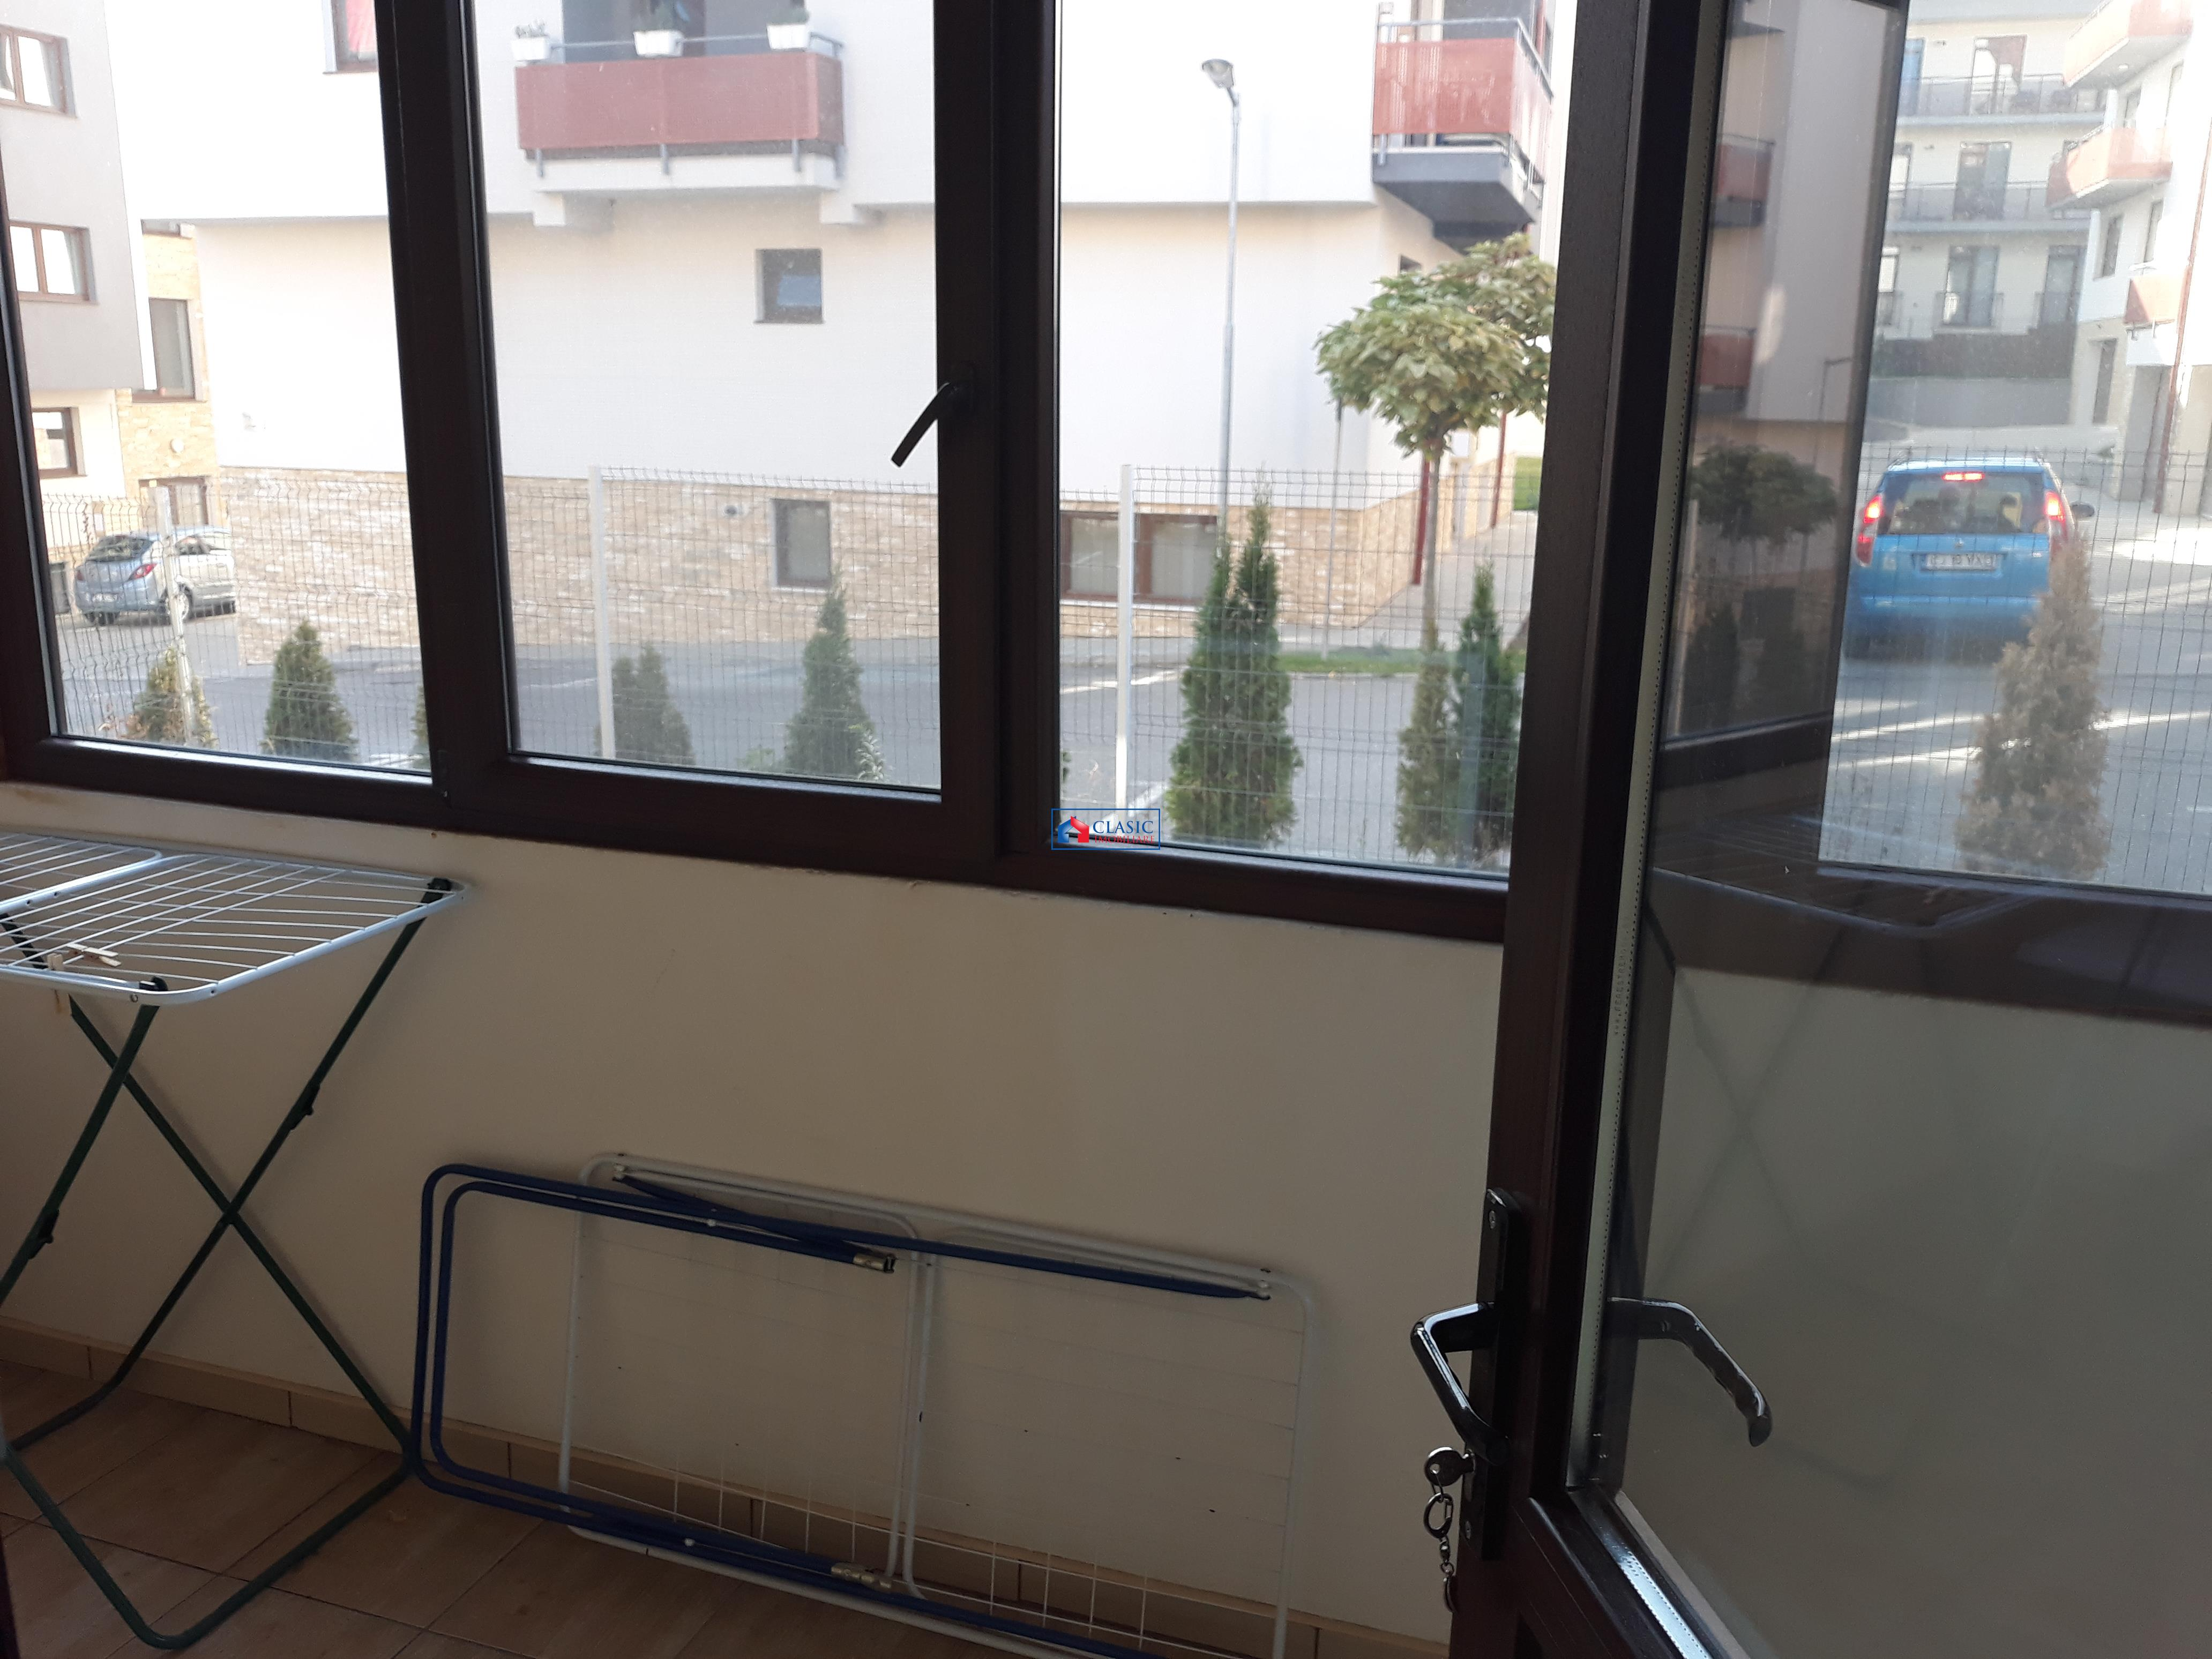 Vanzare Apartament 4 camere zona M. Eliade   Zorilor, Cluj Napoca